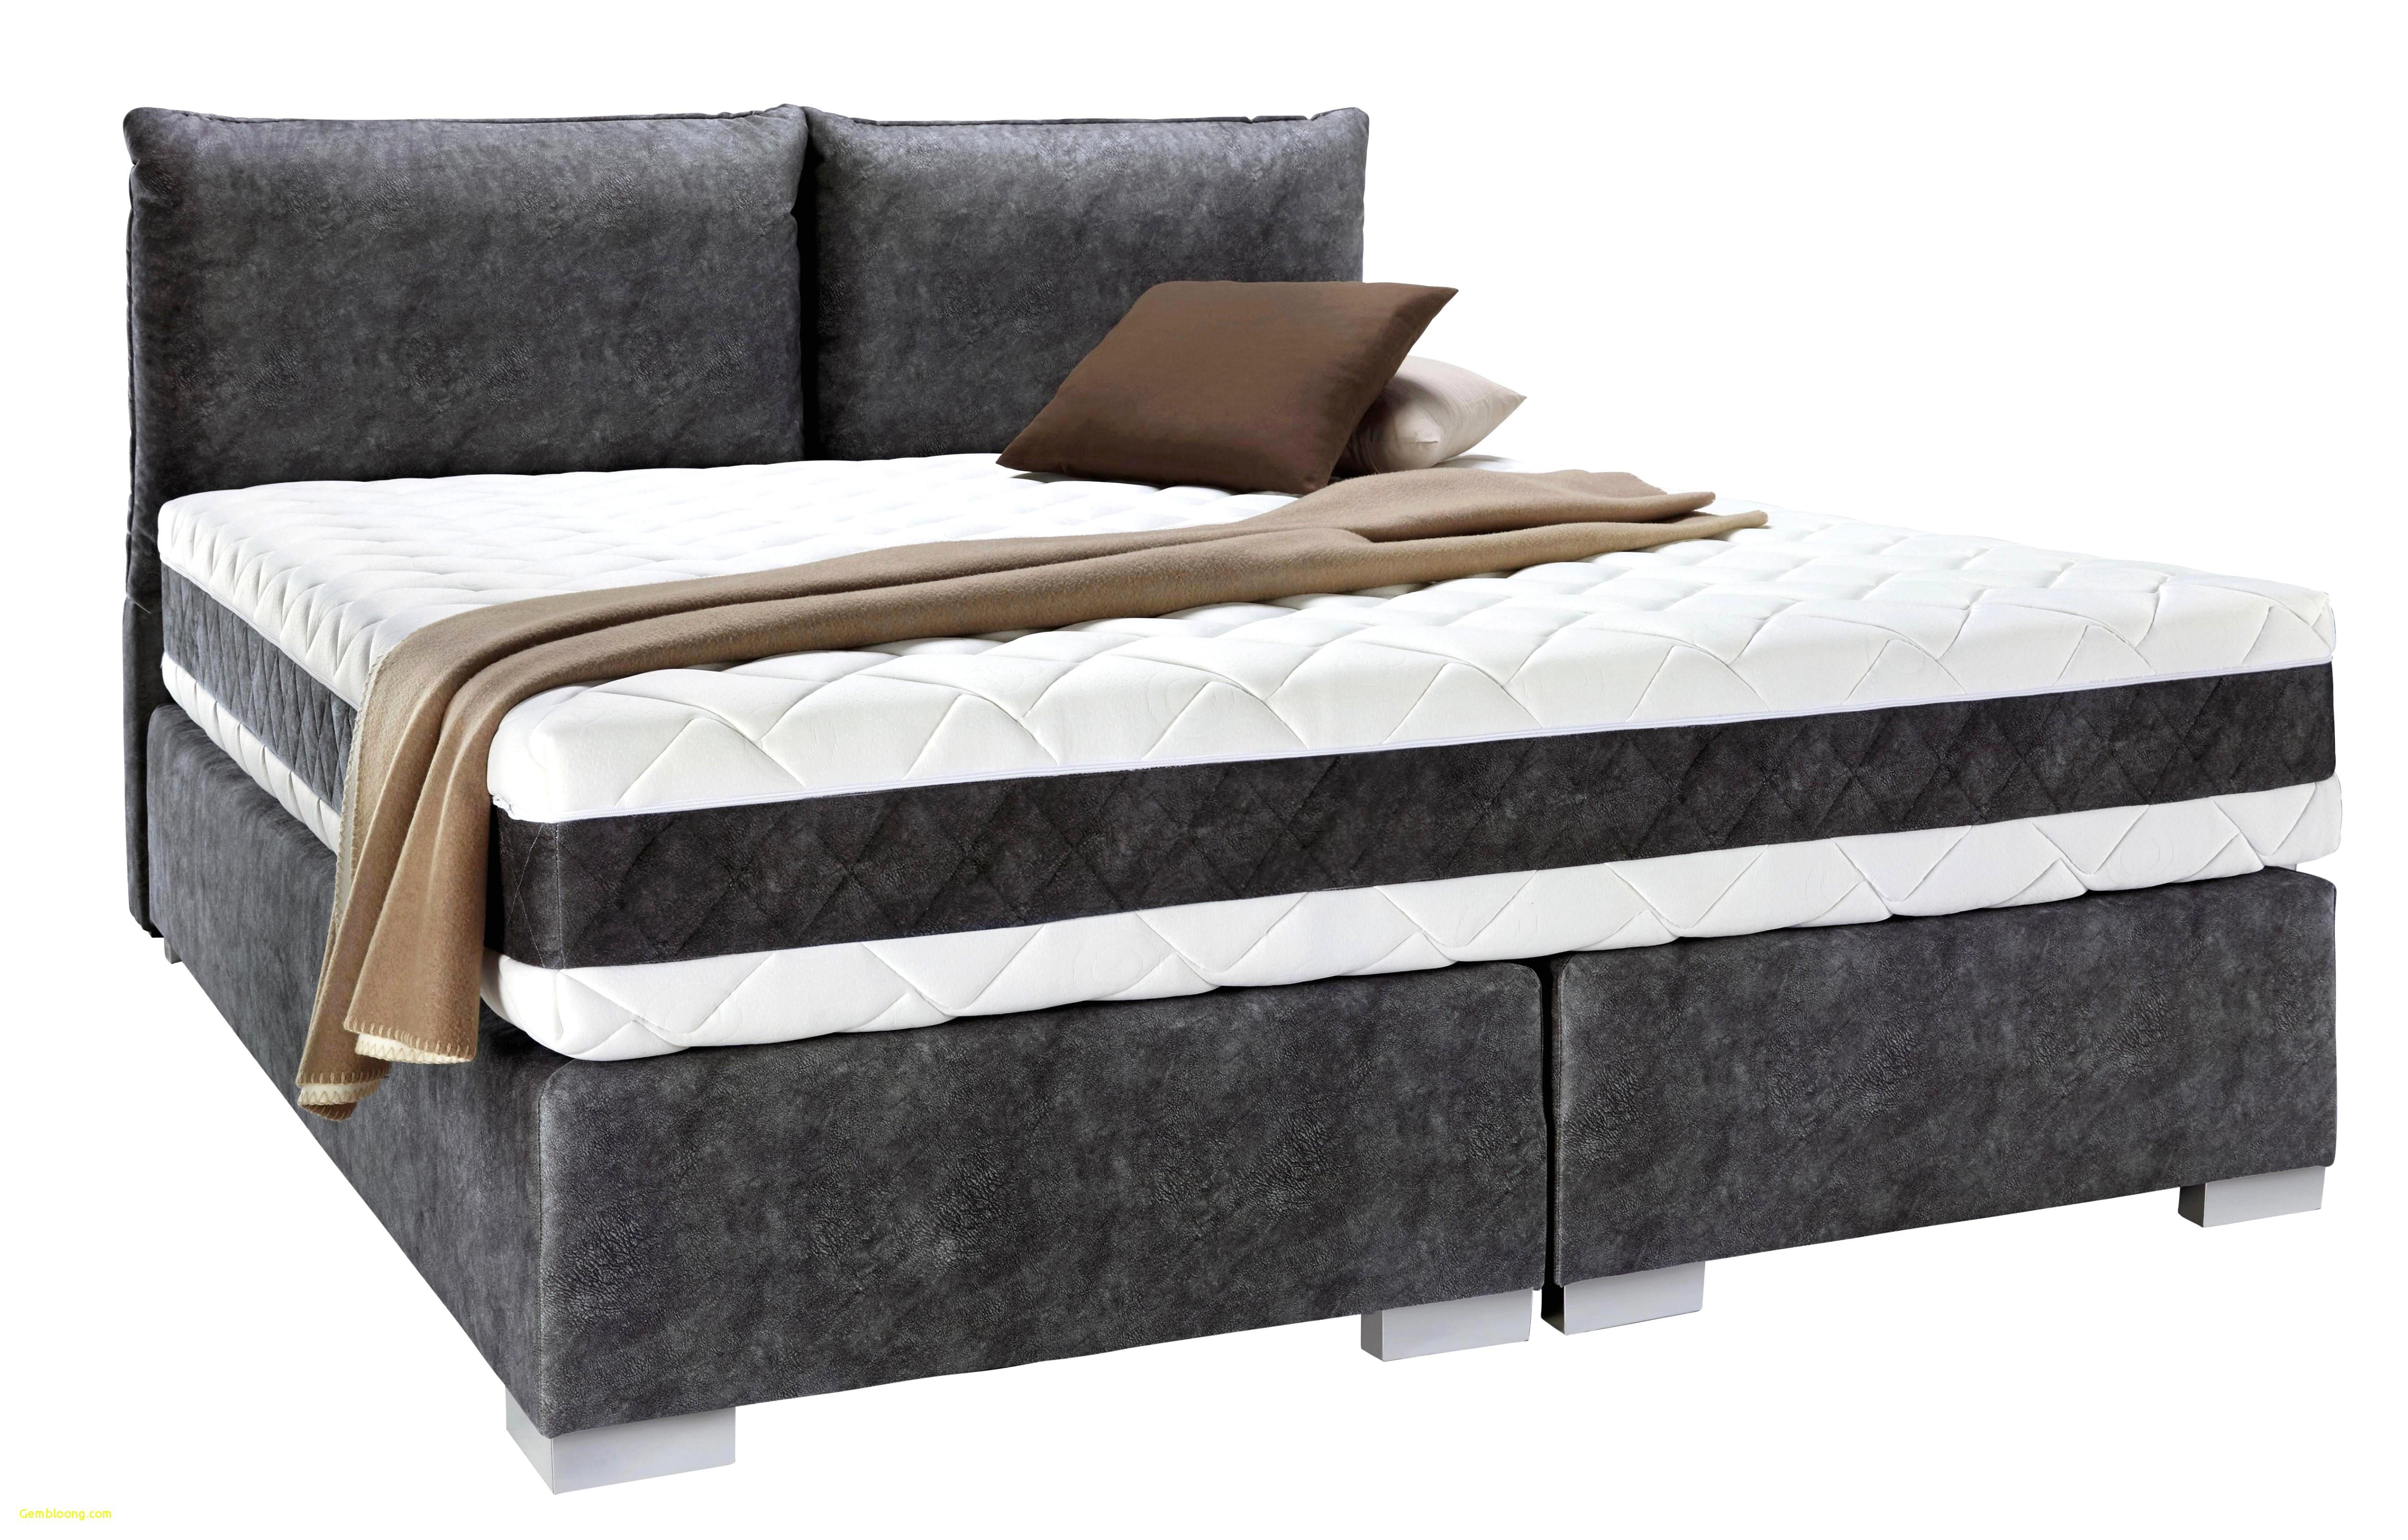 ikea myrbacka test neu leesa mattress review cosedcenter